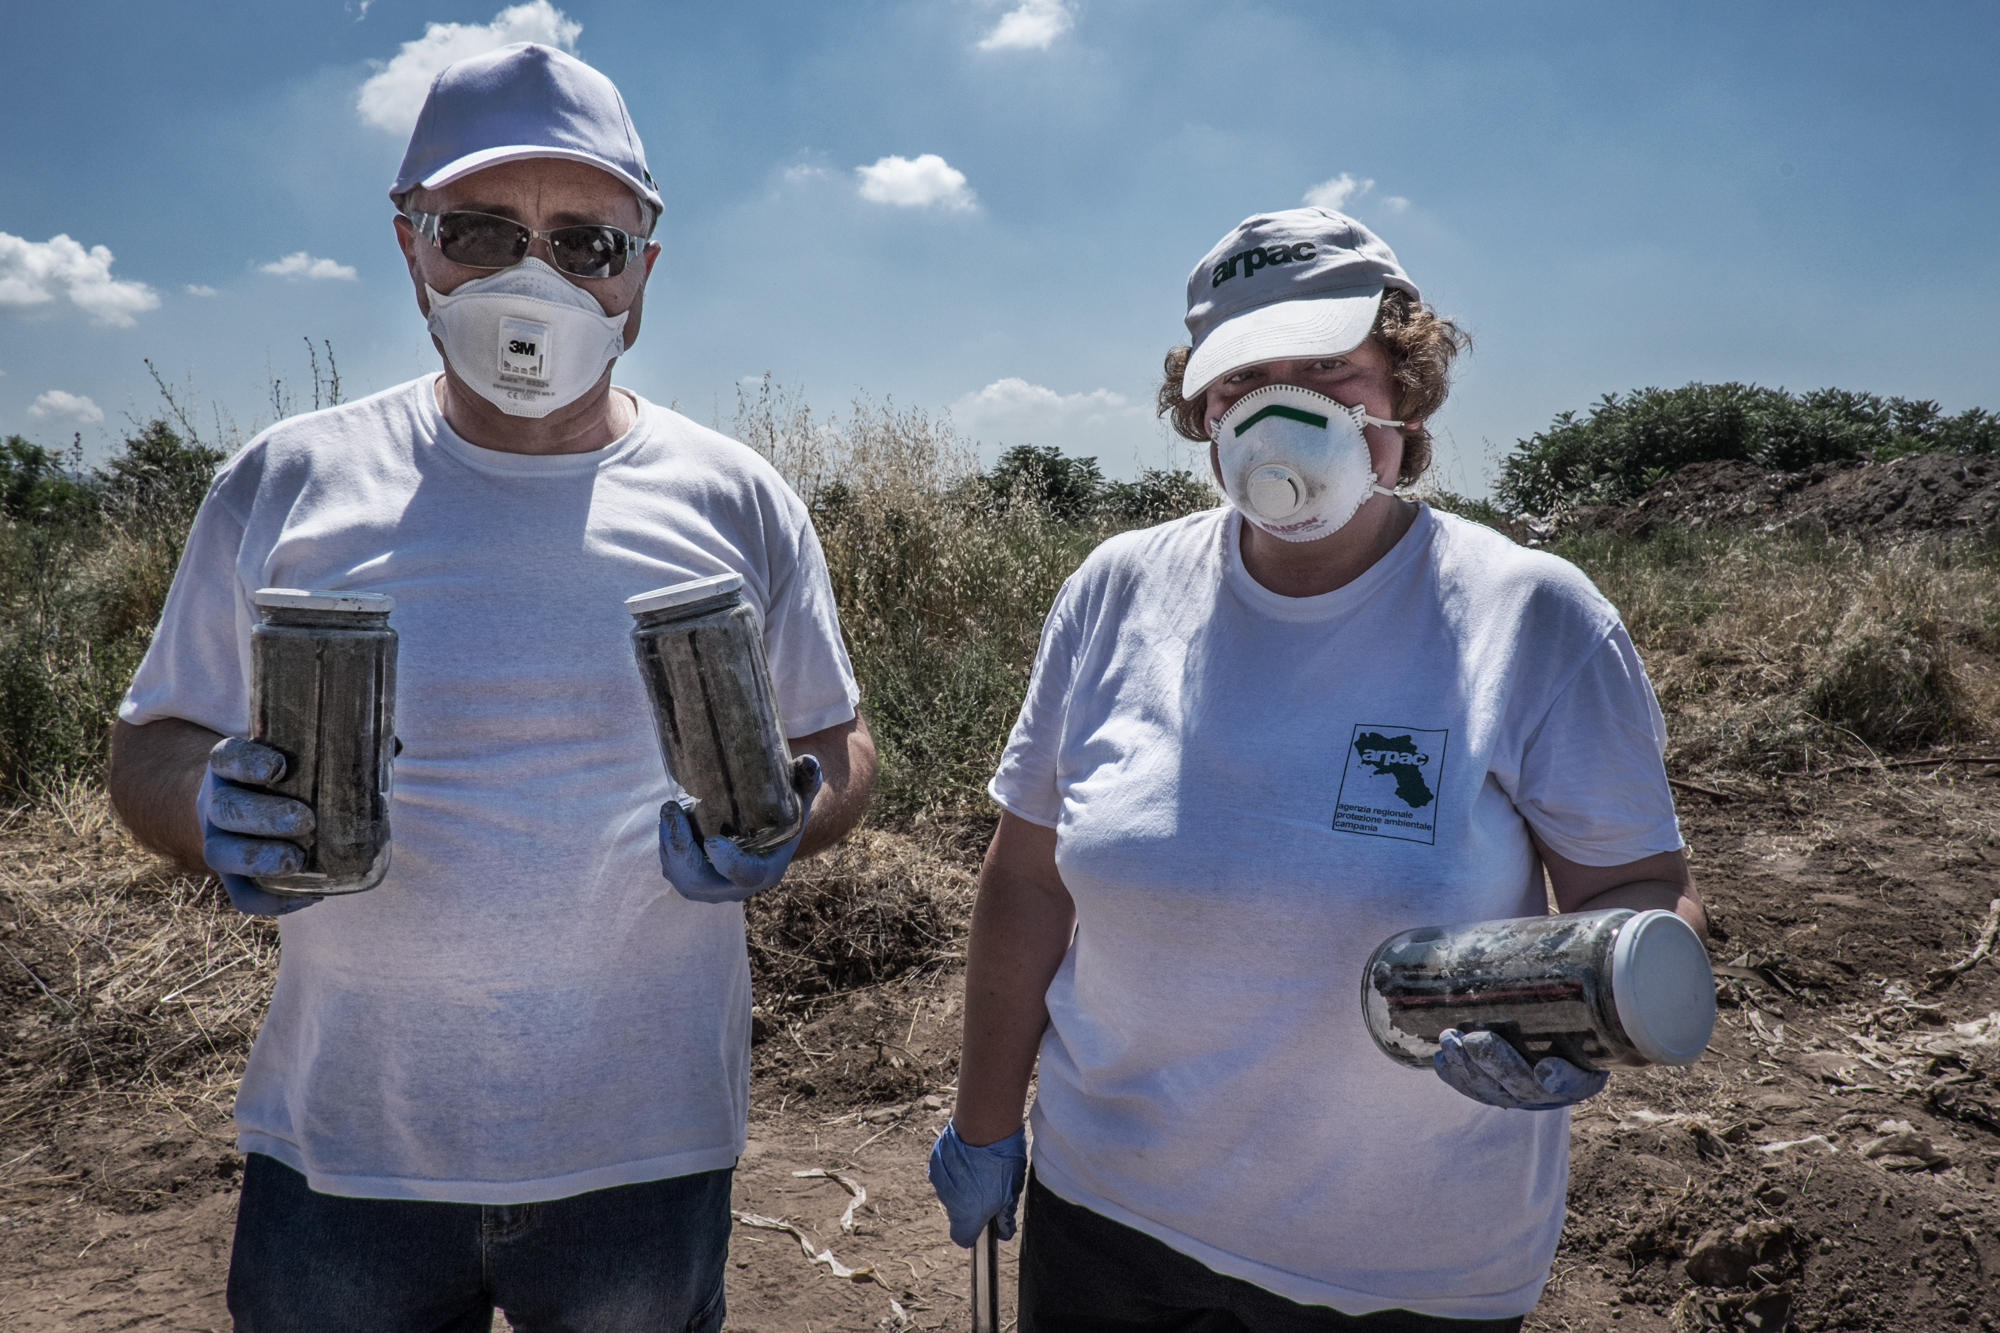 Calvi Risorta, Caserta, 2015. Dipendenti  dell'ARPAC - Agenzia Regionale Protezione Ambientale Campania  hanno prelevato fanghi chimici durante gli scavi nella ex fabbrica  Pozzi Ginori .